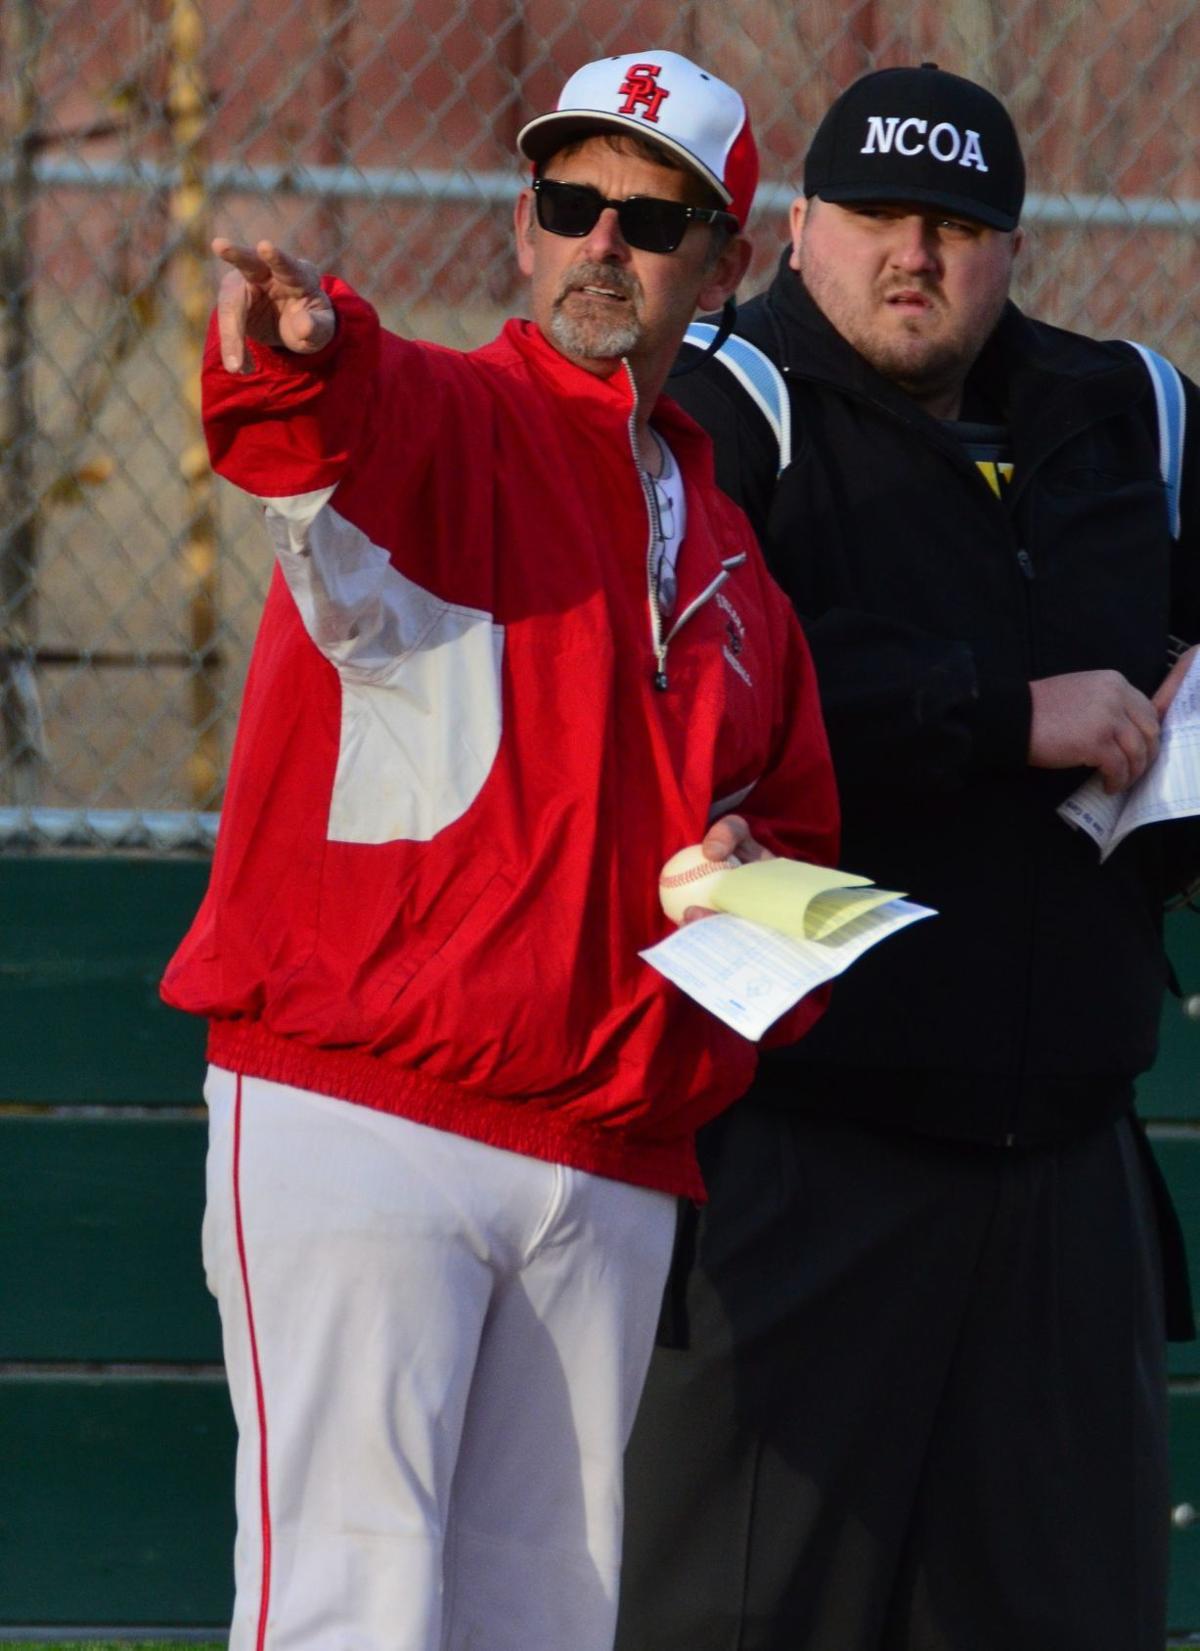 St. Helena High Baseball